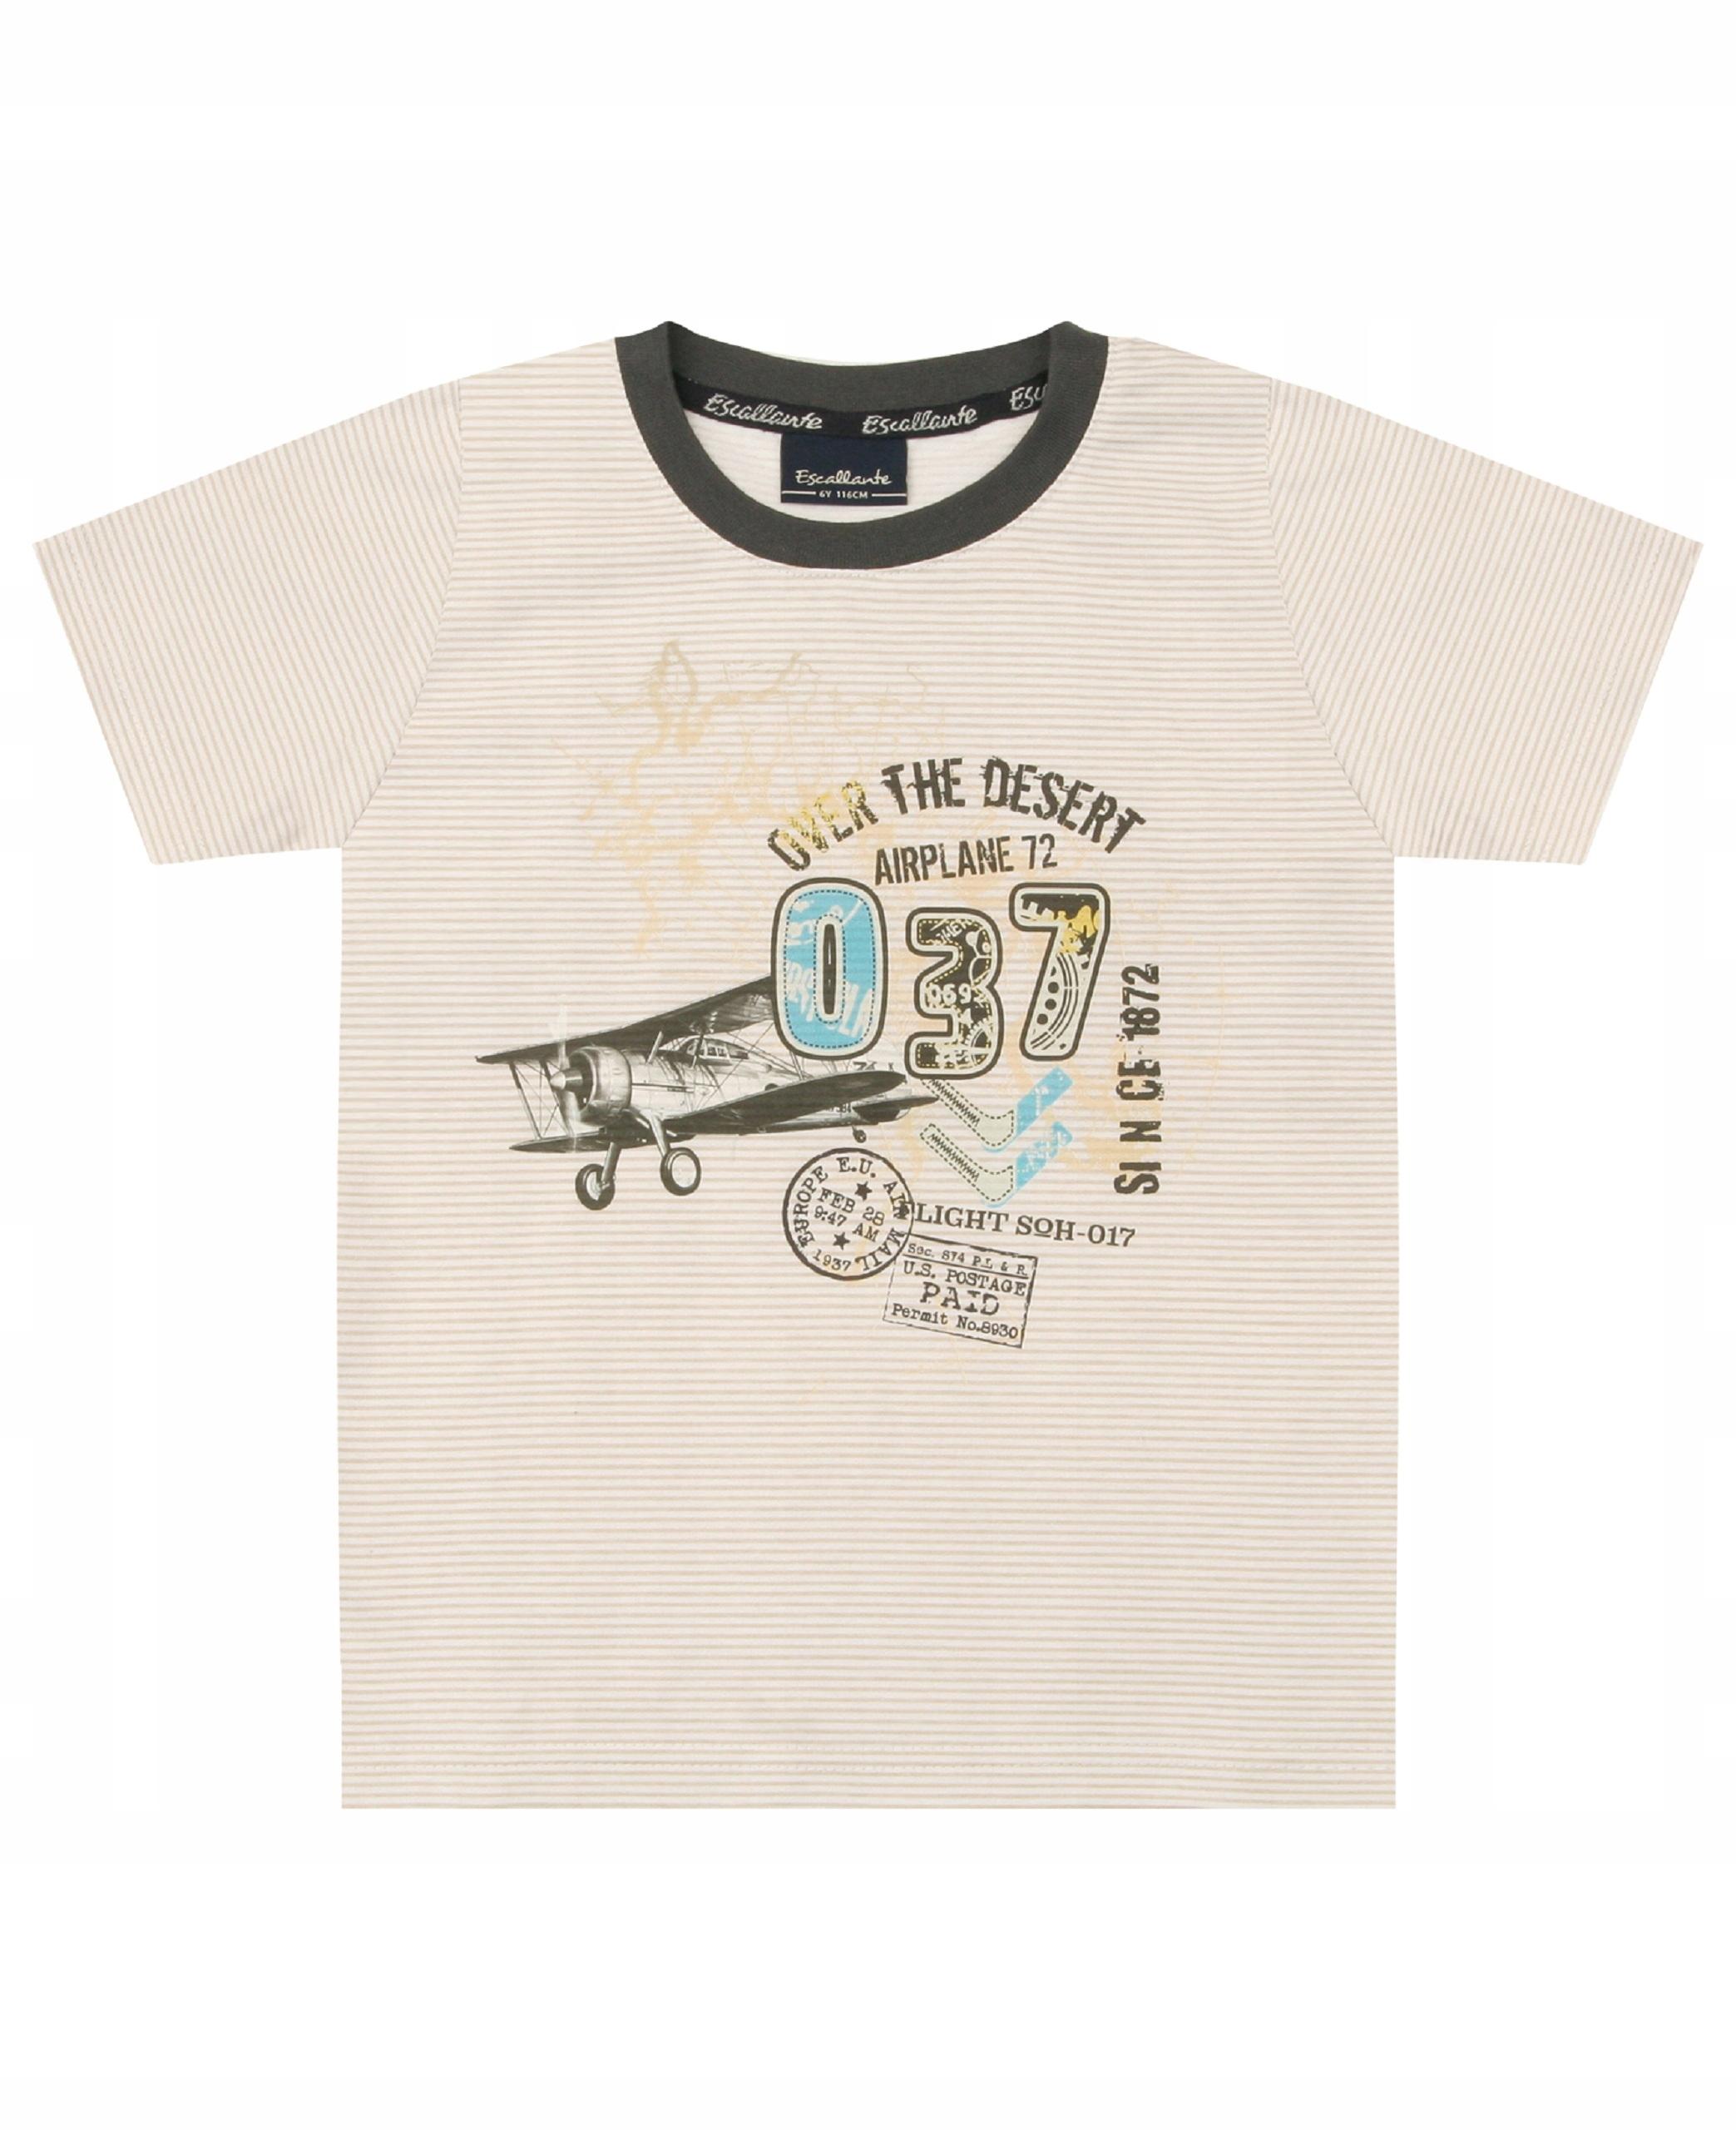 36b394035 Escallante T-shirt chłopięcy r.104 EJE-0139 - 7256146924 - oficjalne ...